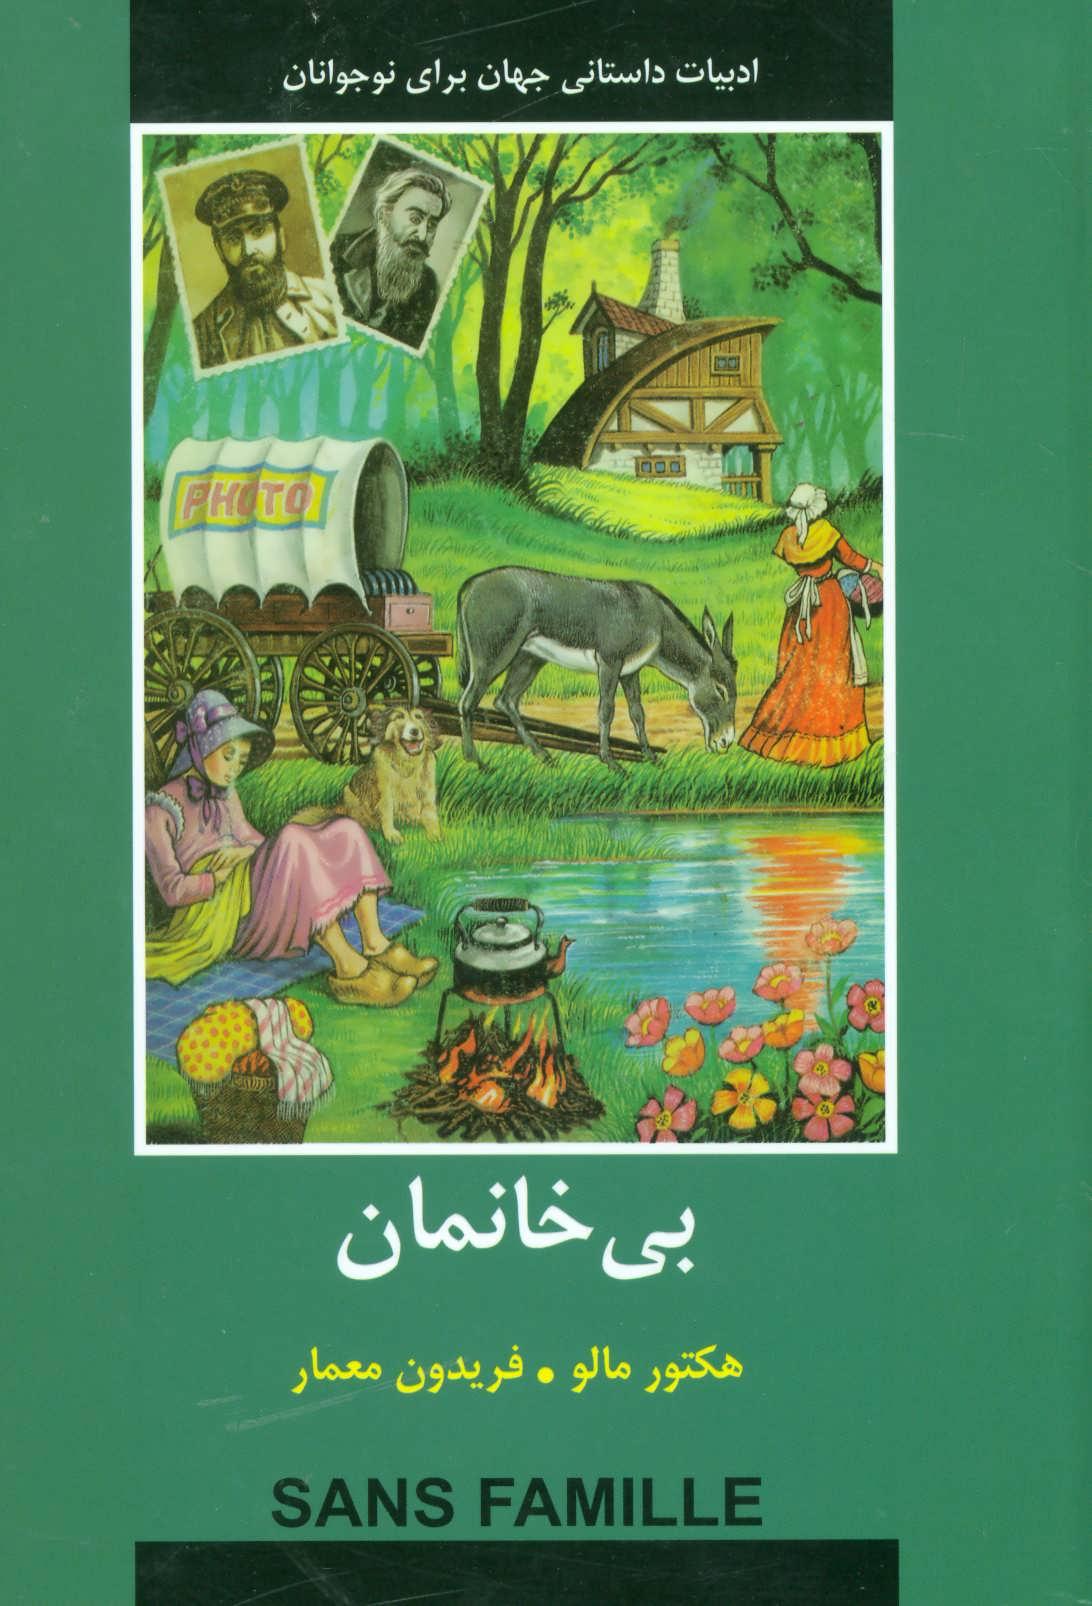 کتاب بیخانمان (ادبیات داستانی جهان برای نوجوانان)